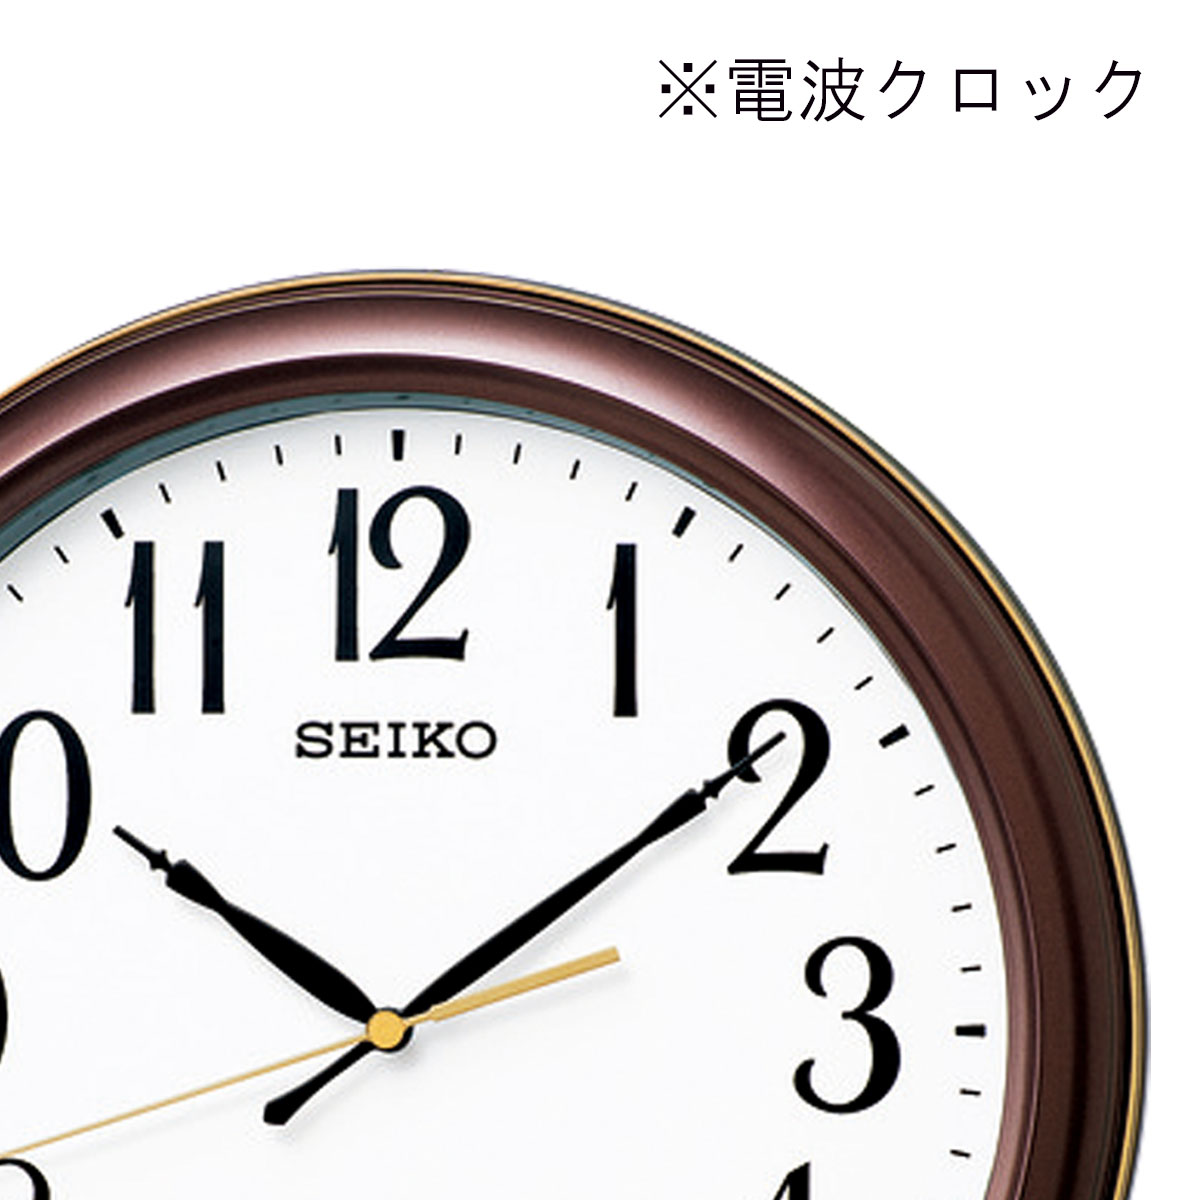 セイコークロック スタンダード電波掛時計 KX234